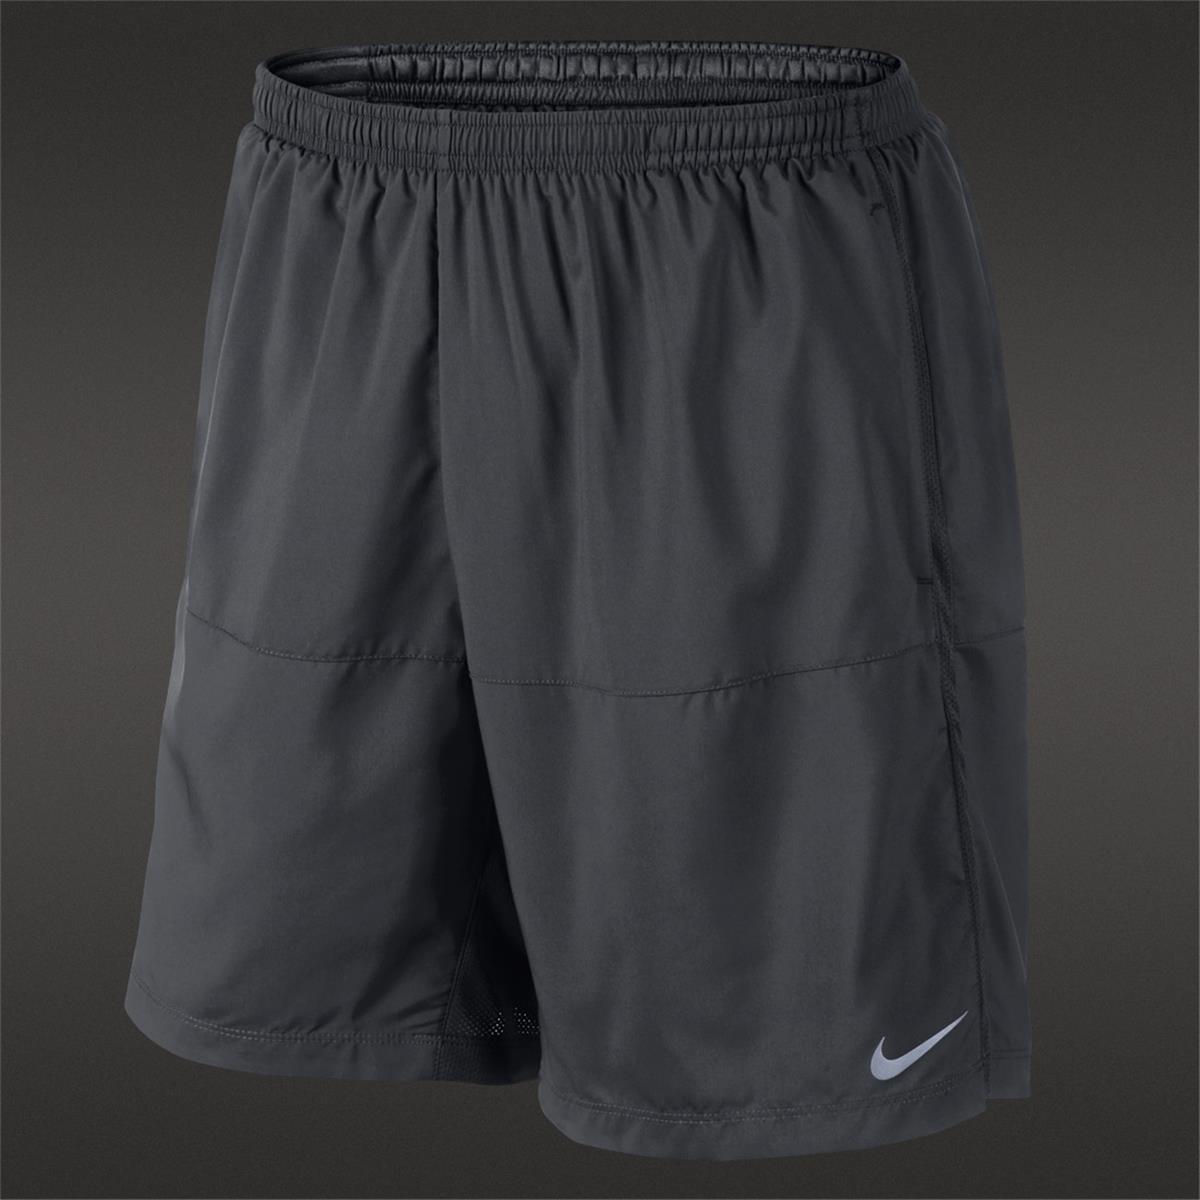 nike men's 7 inch running shorts